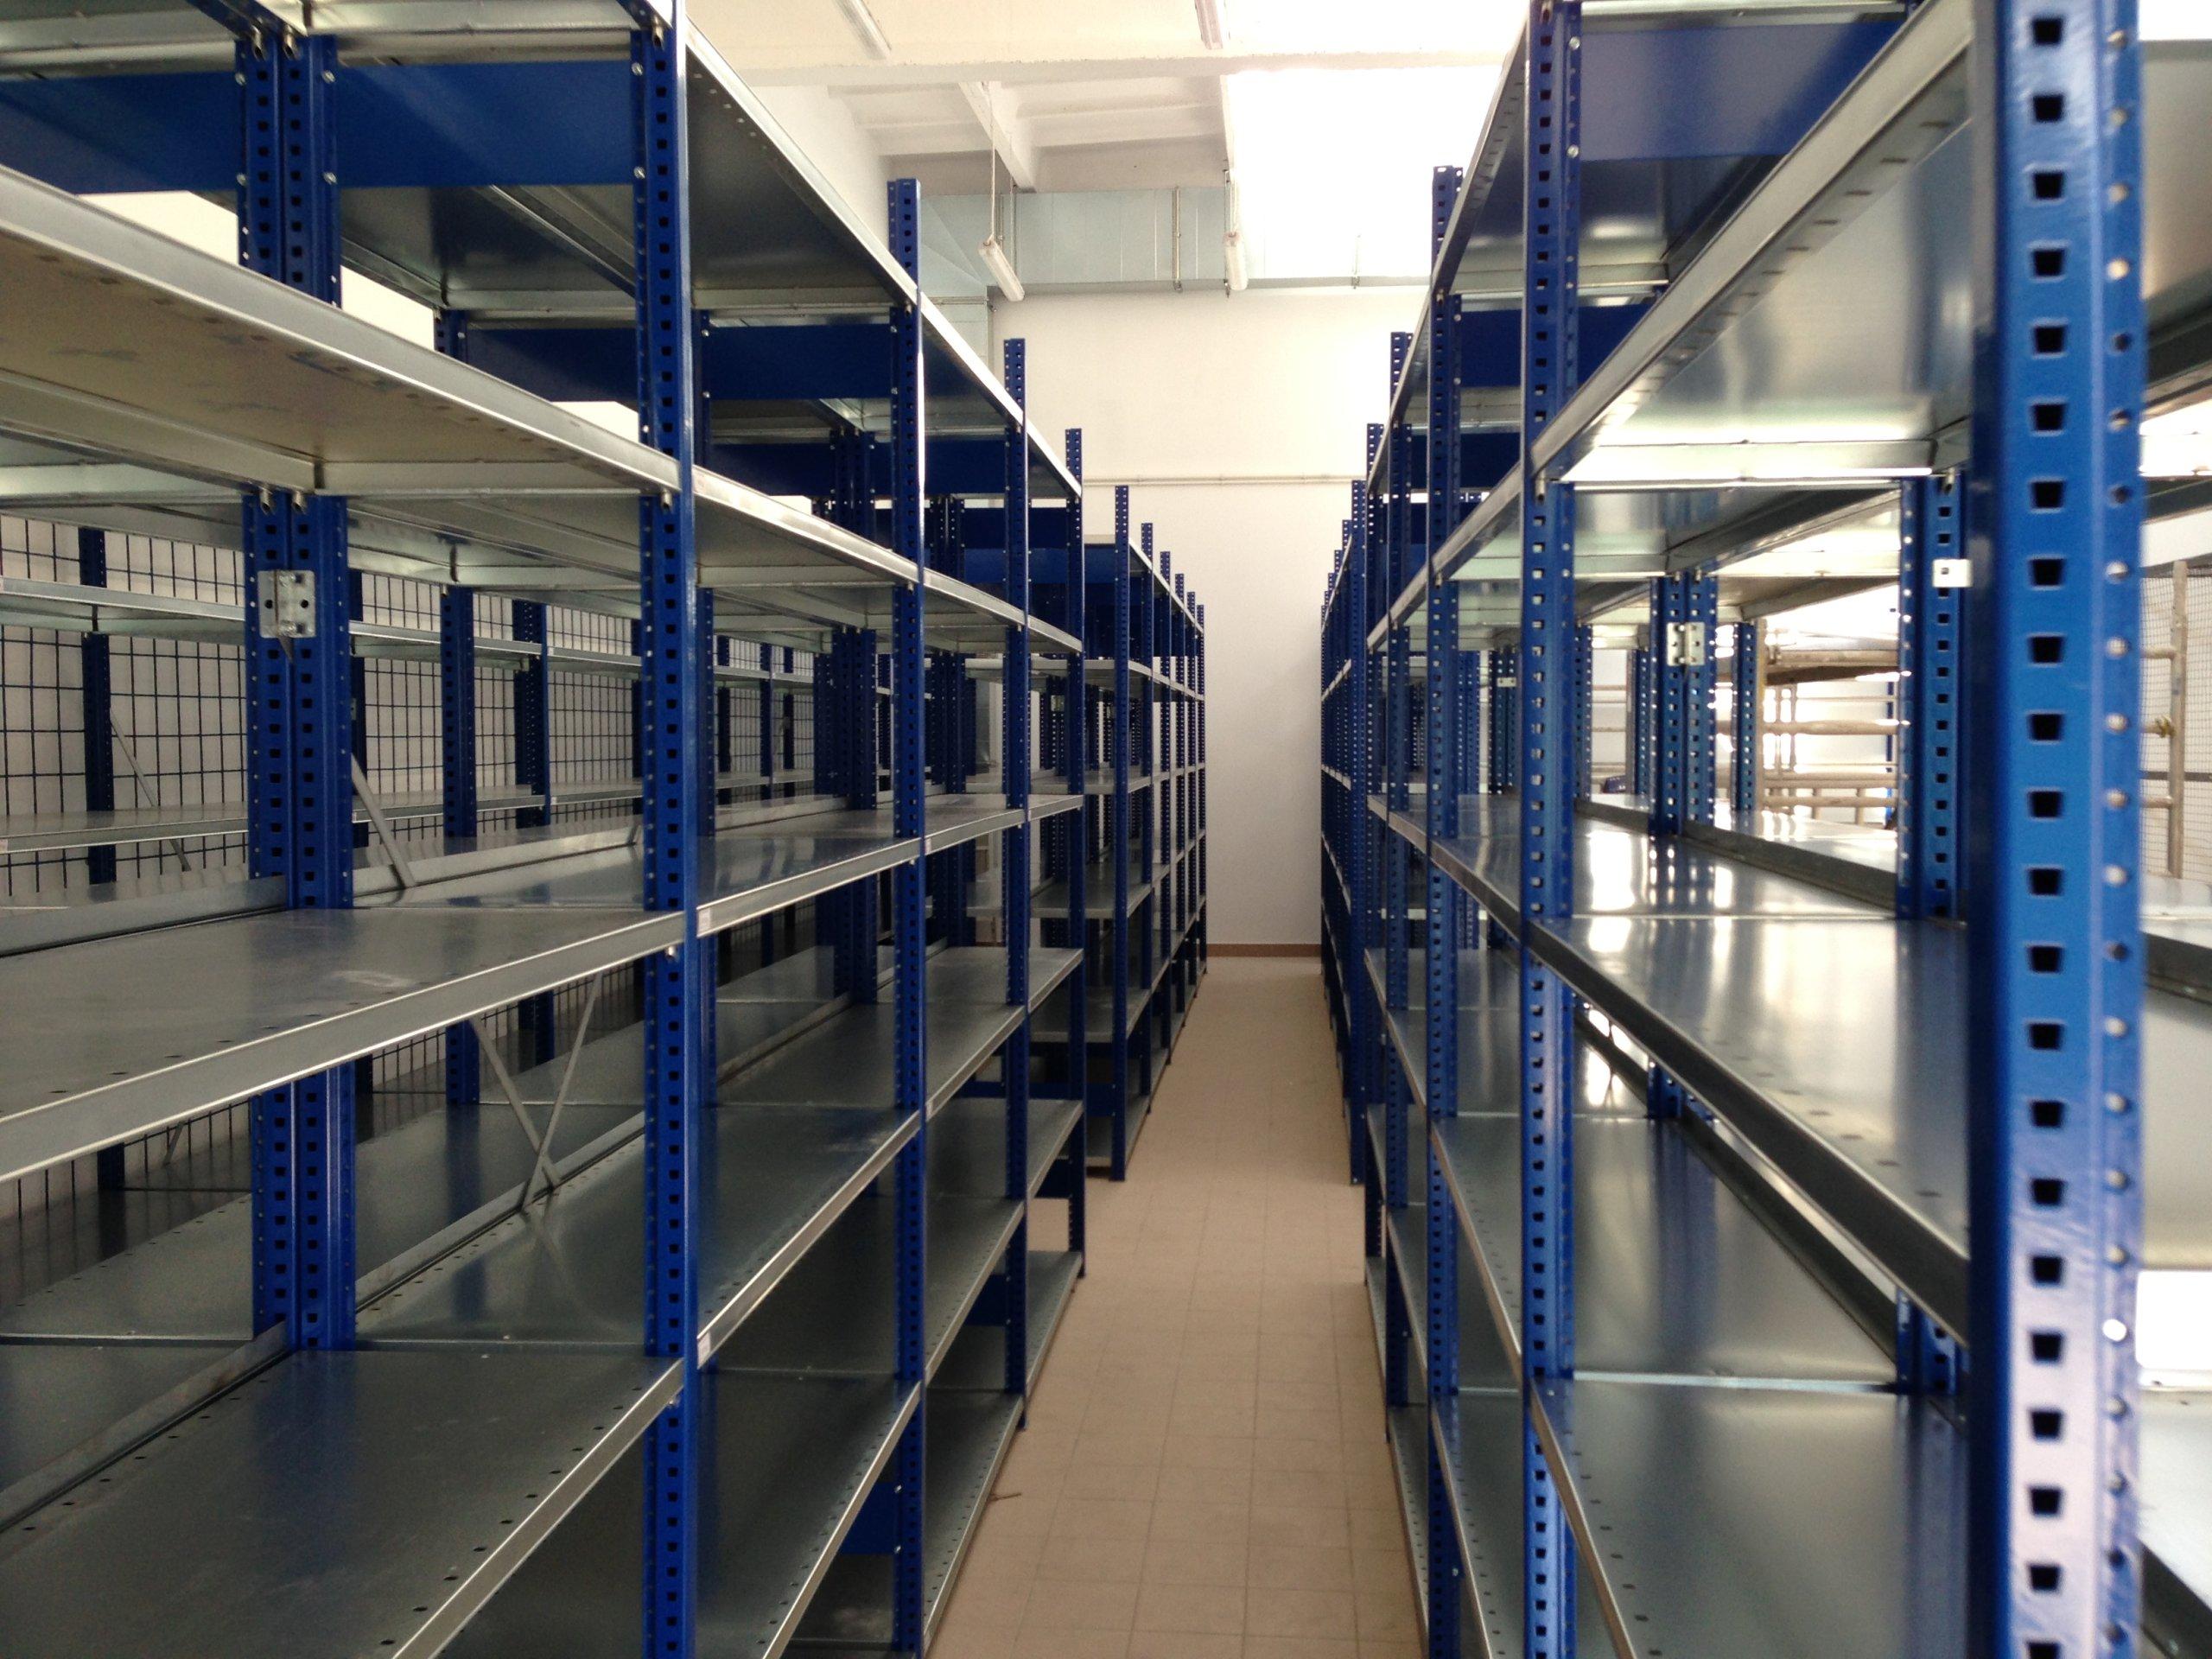 Пожарная безопасность складов зависит от планировки и особенностей помещений, состава хранимых материалов, типа конструкции и характеристик стеллажей.